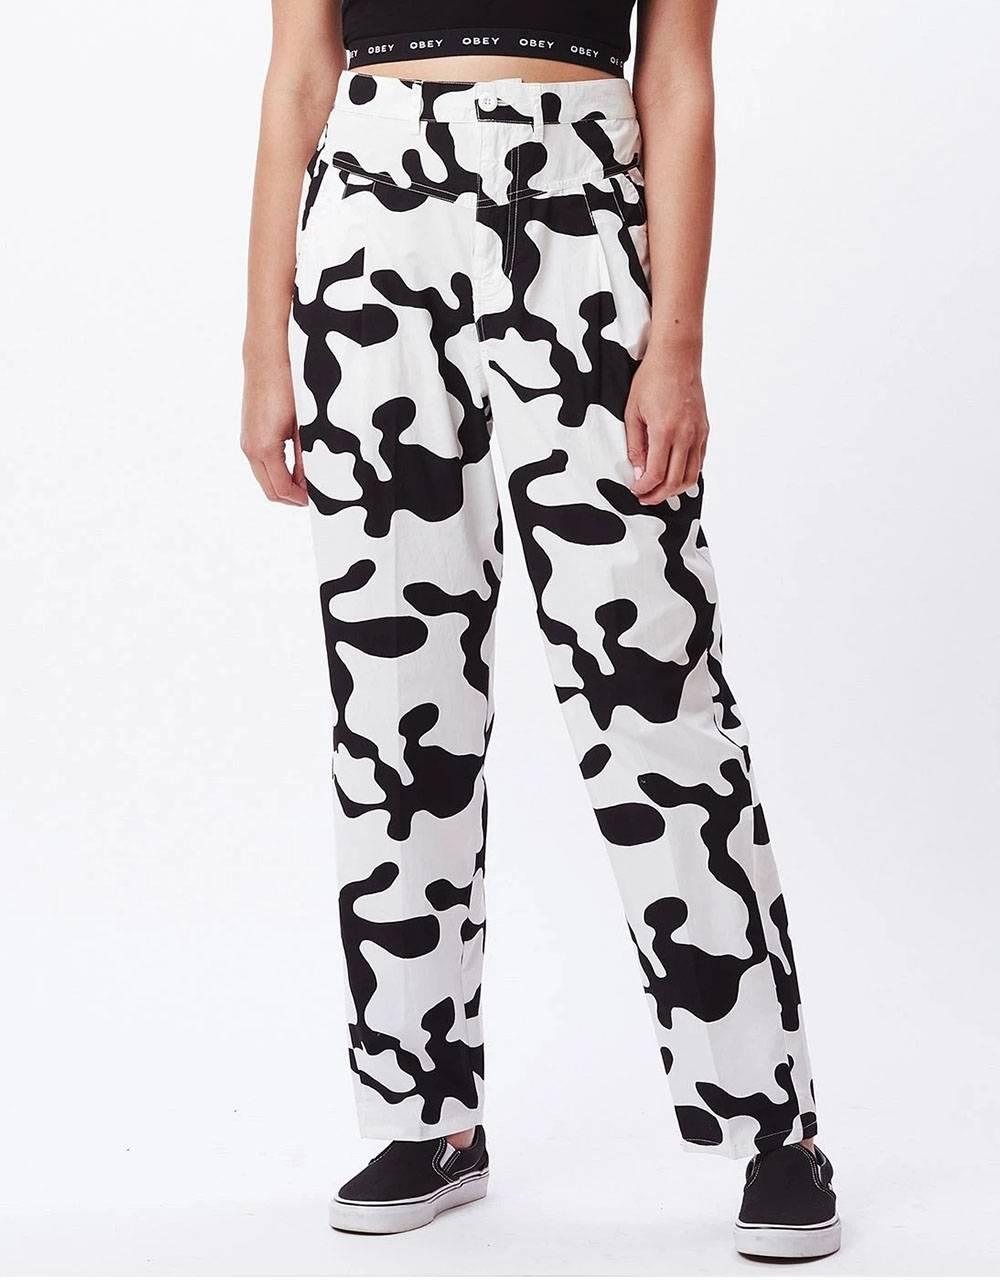 Obey Woman Kyoto pants - pecan multi obey Pants 95,00€